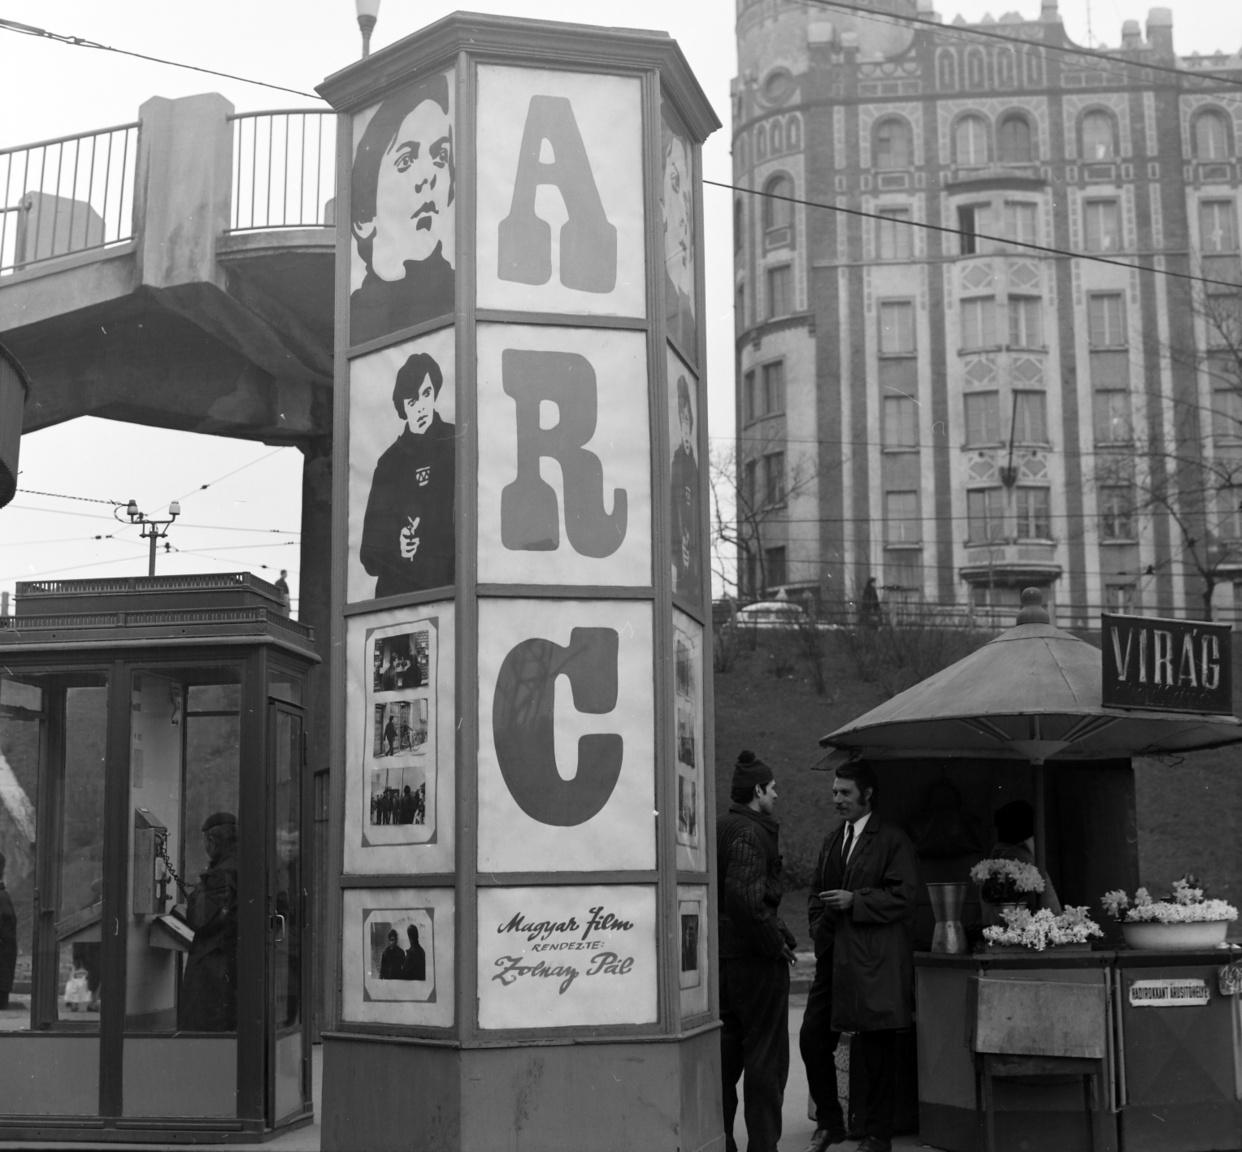 """Az Arc másik, jóval ismertebb és forgalmasabb hirdetési helye a Moszkva téri gyalogos felüljáró alatt egy hatszögletű, speciális üvegezett oszlop volt. A háttérben jól látható a Postapalota, a hirdető oszlop bal oldalán igényes kiállítású kettős telefonfülke, a jobb oldalán virágos bódé. Az eladó sötét sapkában alig látszik, a nárciszra és jácintra korlátozódó virágok árát – 7 Ft egy csokor – krétával írt felirat hirdeti. A mellettük cigarettázva beszélgető furcsa pár egyik tagja feltűnően elegáns, széles barkójú férfi, fiatalabb társa – jóval szerényebb barkóval – kötött sapkában és pufajkában támasztja az oszlopot. A legmeglepőbb talán a bódé oldalán olvasható felirat: """"hadirokkant árusítóhelye."""""""